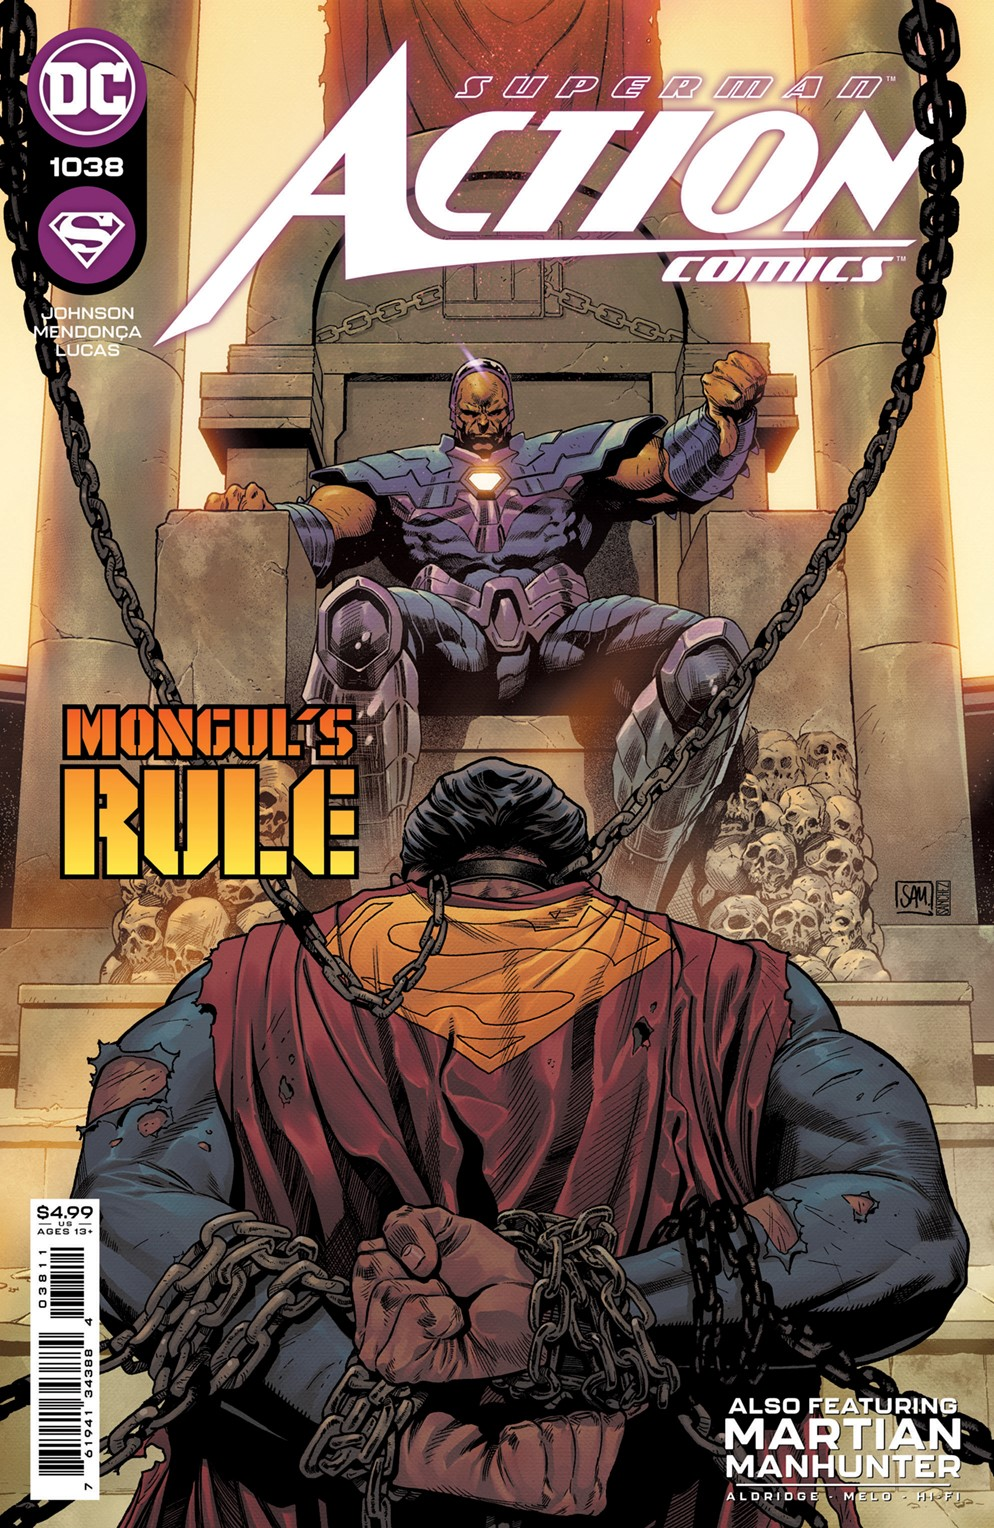 ACTIONCOMICS_Cv1038 DC Comics December 2021 Solicitations